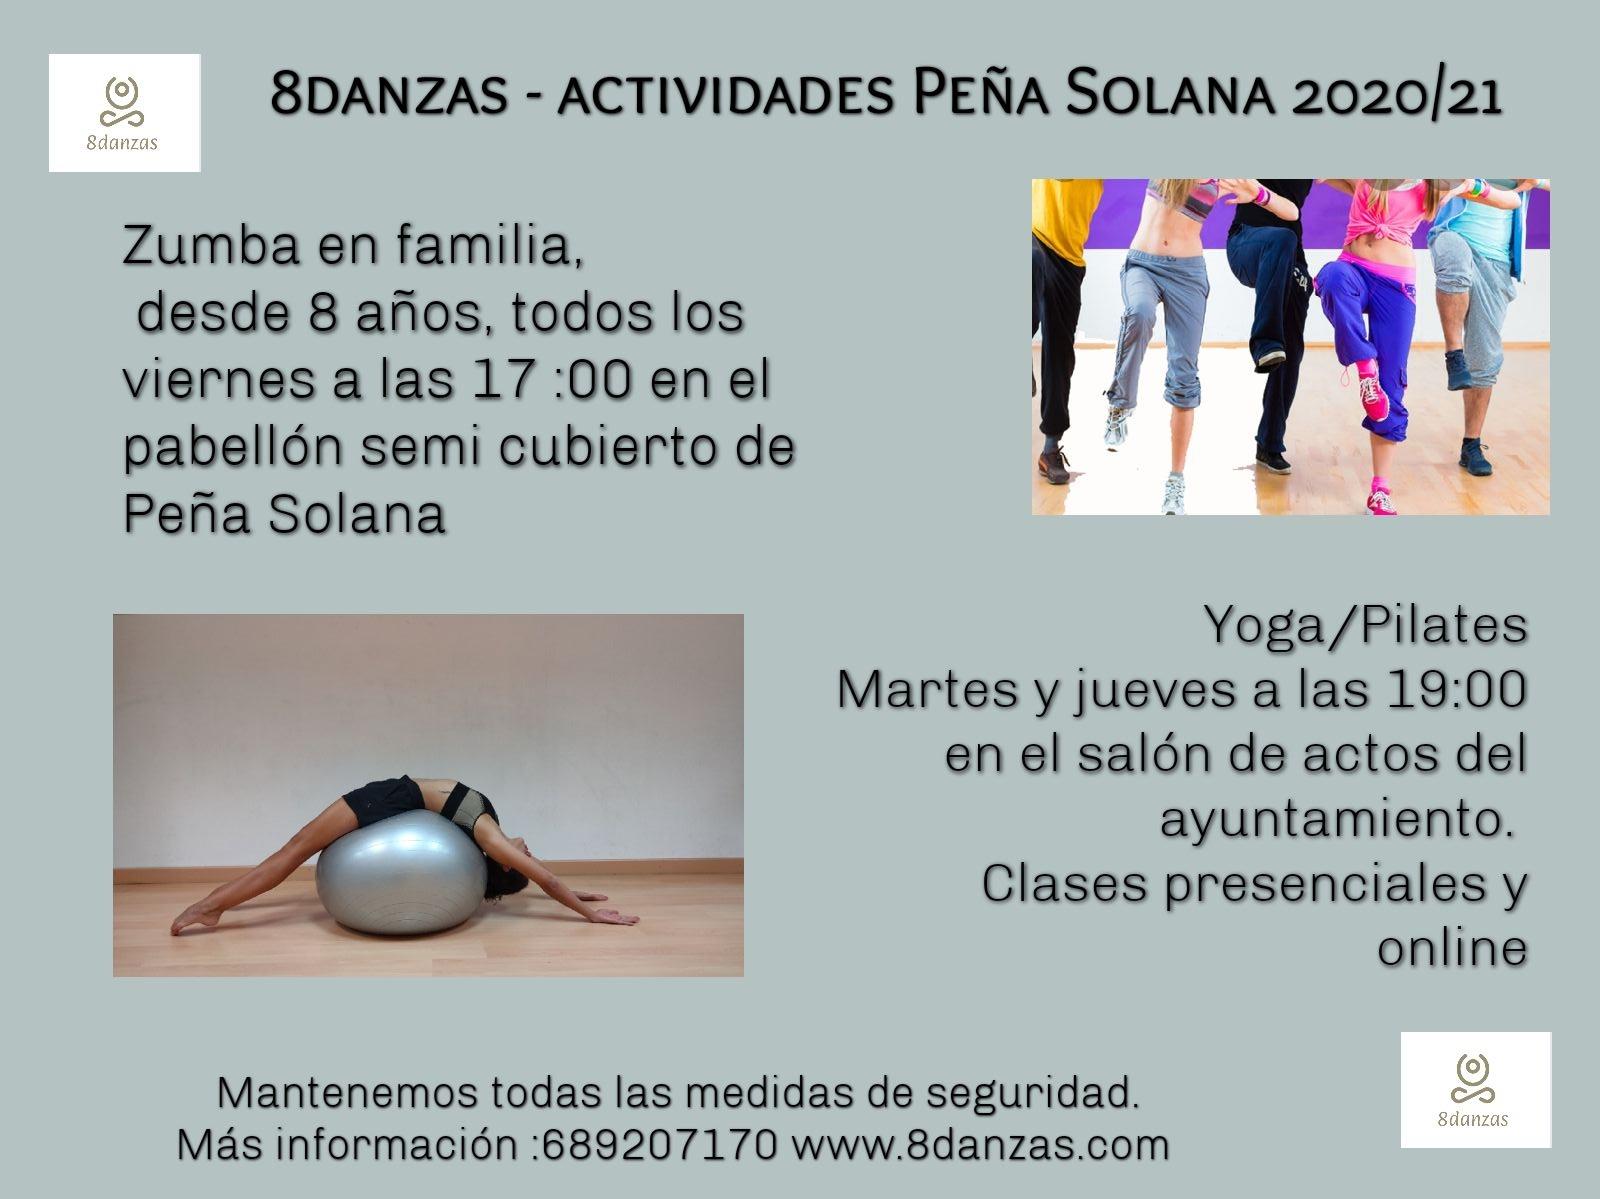 Actividades de yoga y zumba 2020